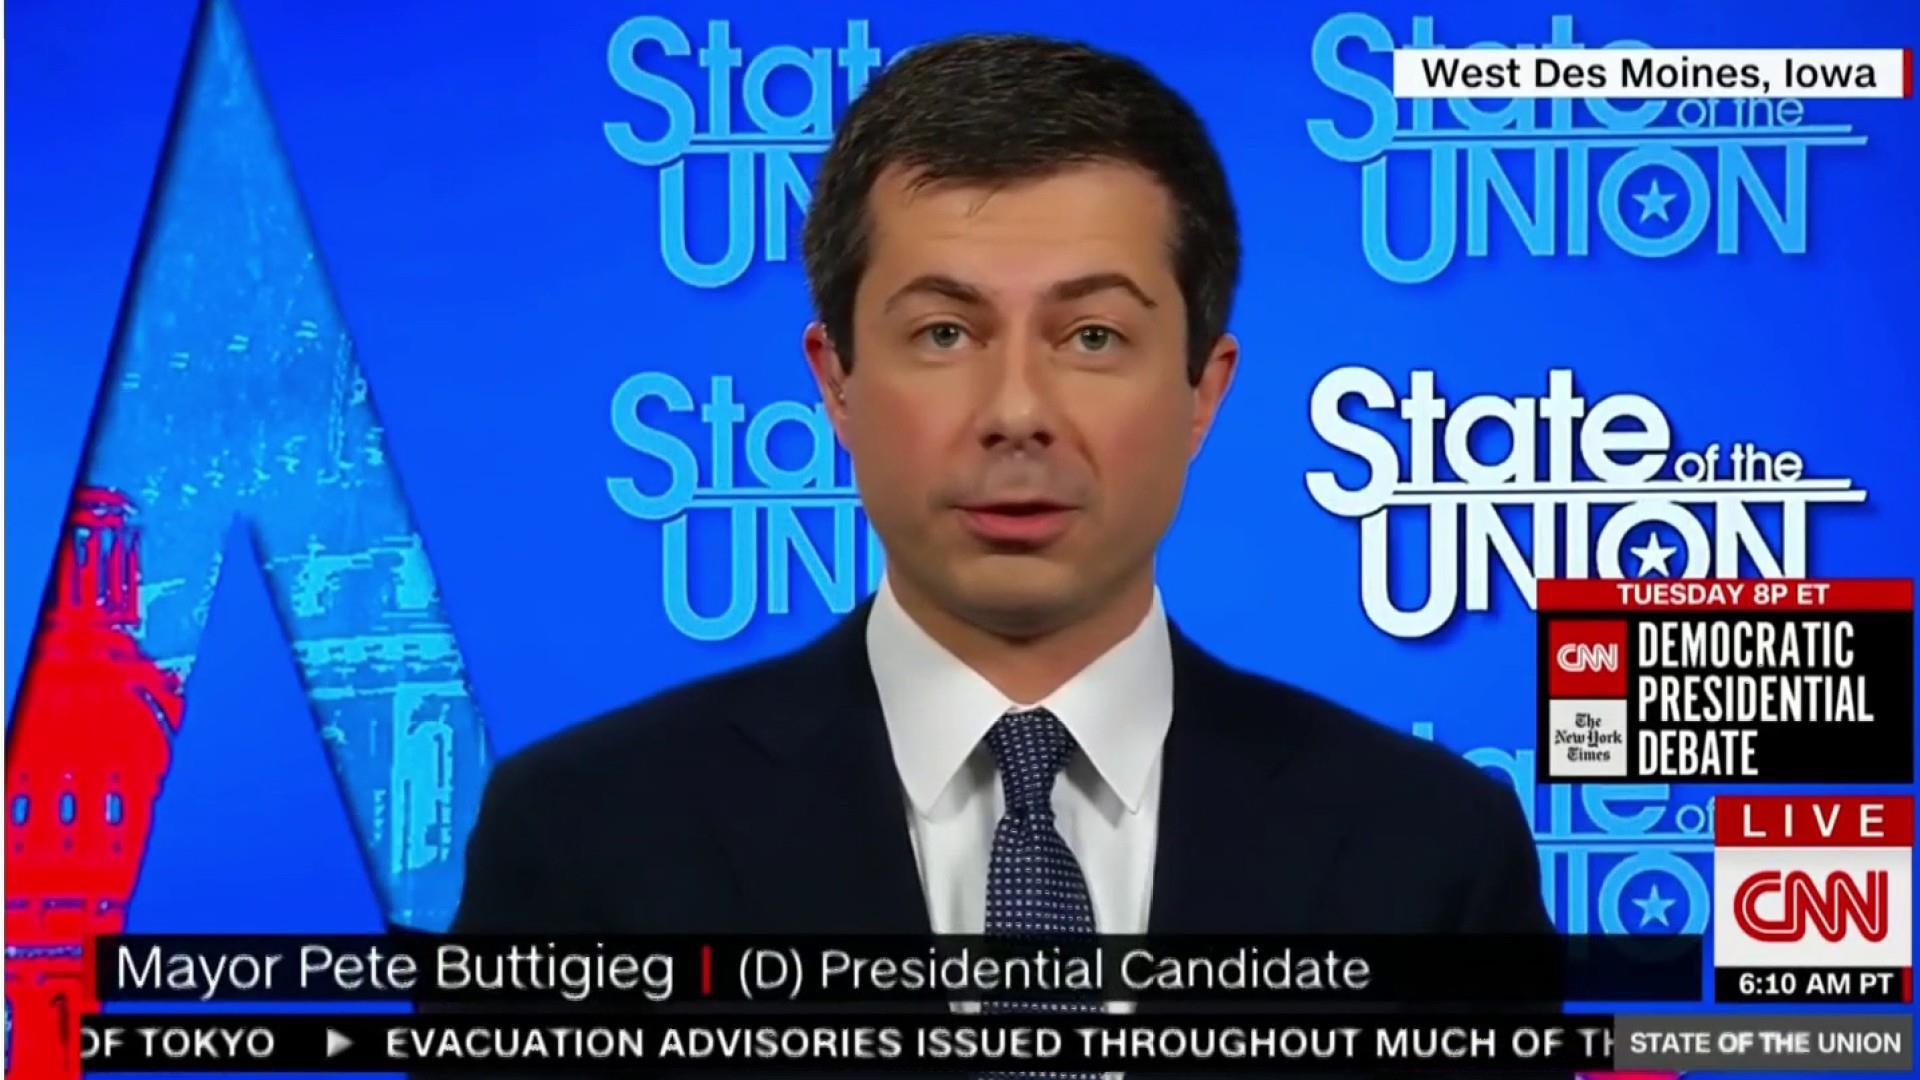 Buttigieg reacts to calls to strip religious orgs of tax status